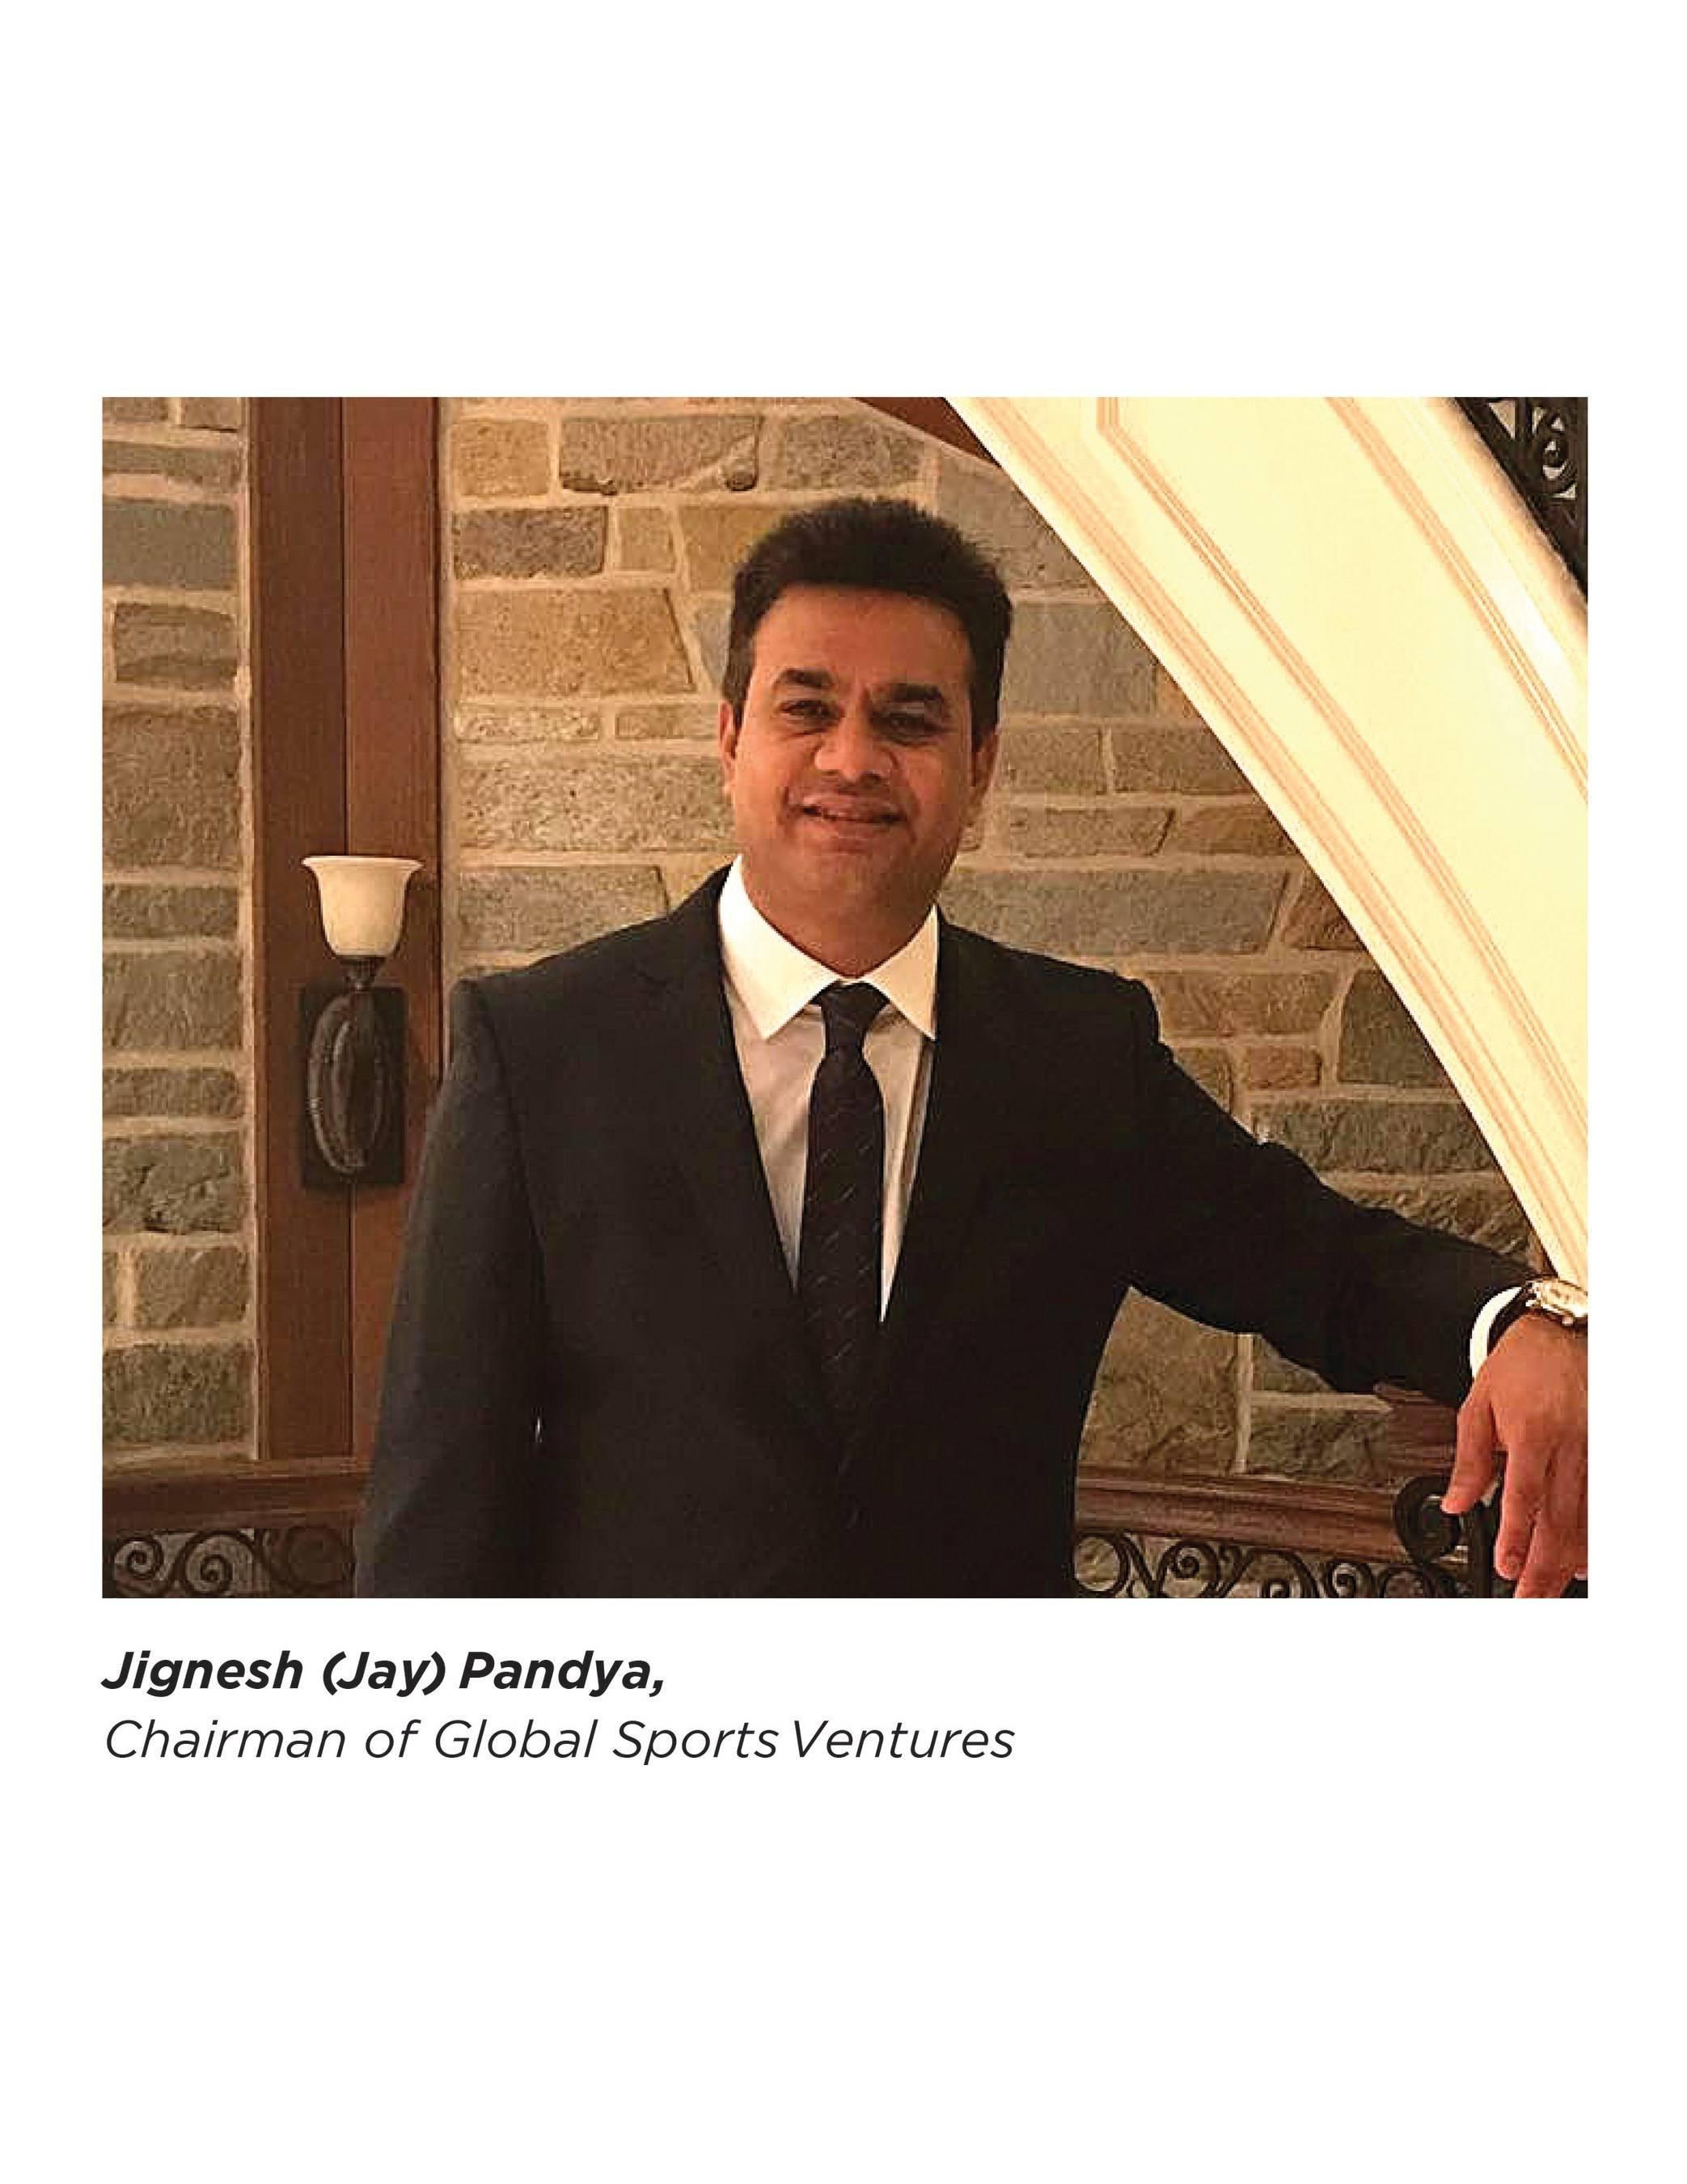 a7f25543d48e39862dd1_East_Brunswick_s_Jay_Pandya__Chair_of_Global_Sports_Ventures.jpeg